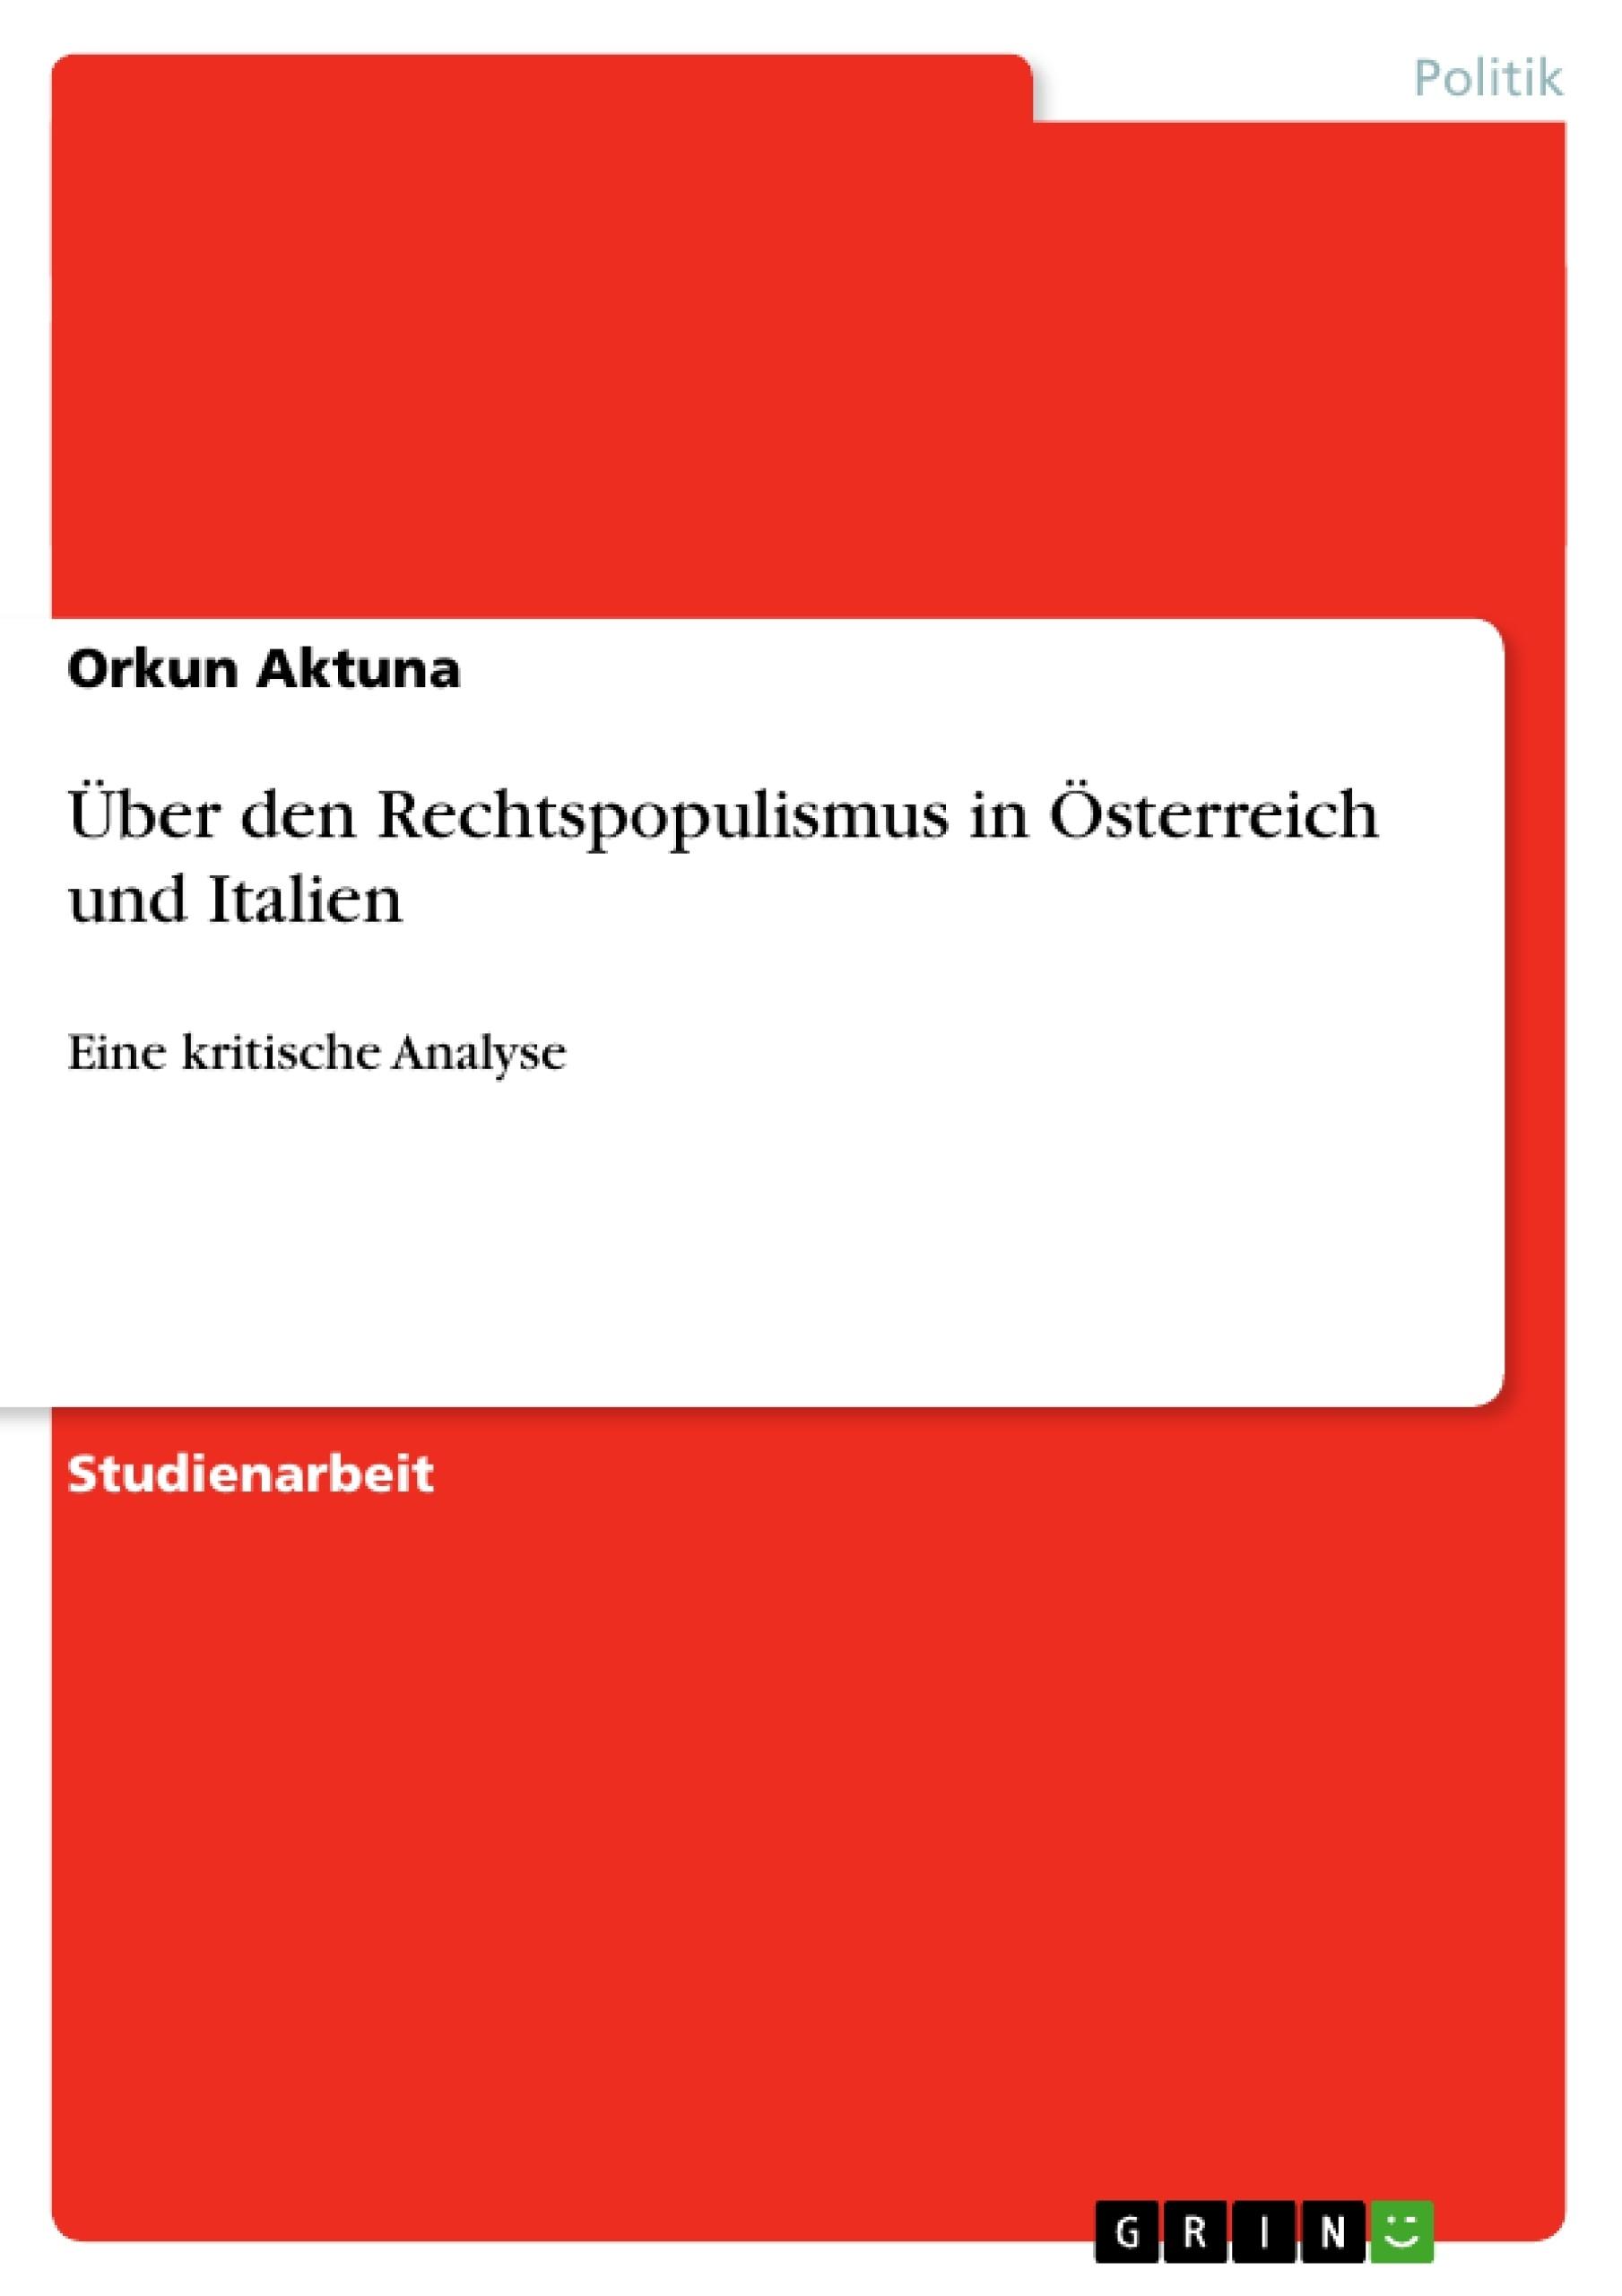 Titel: Über den Rechtspopulismus in Österreich und Italien